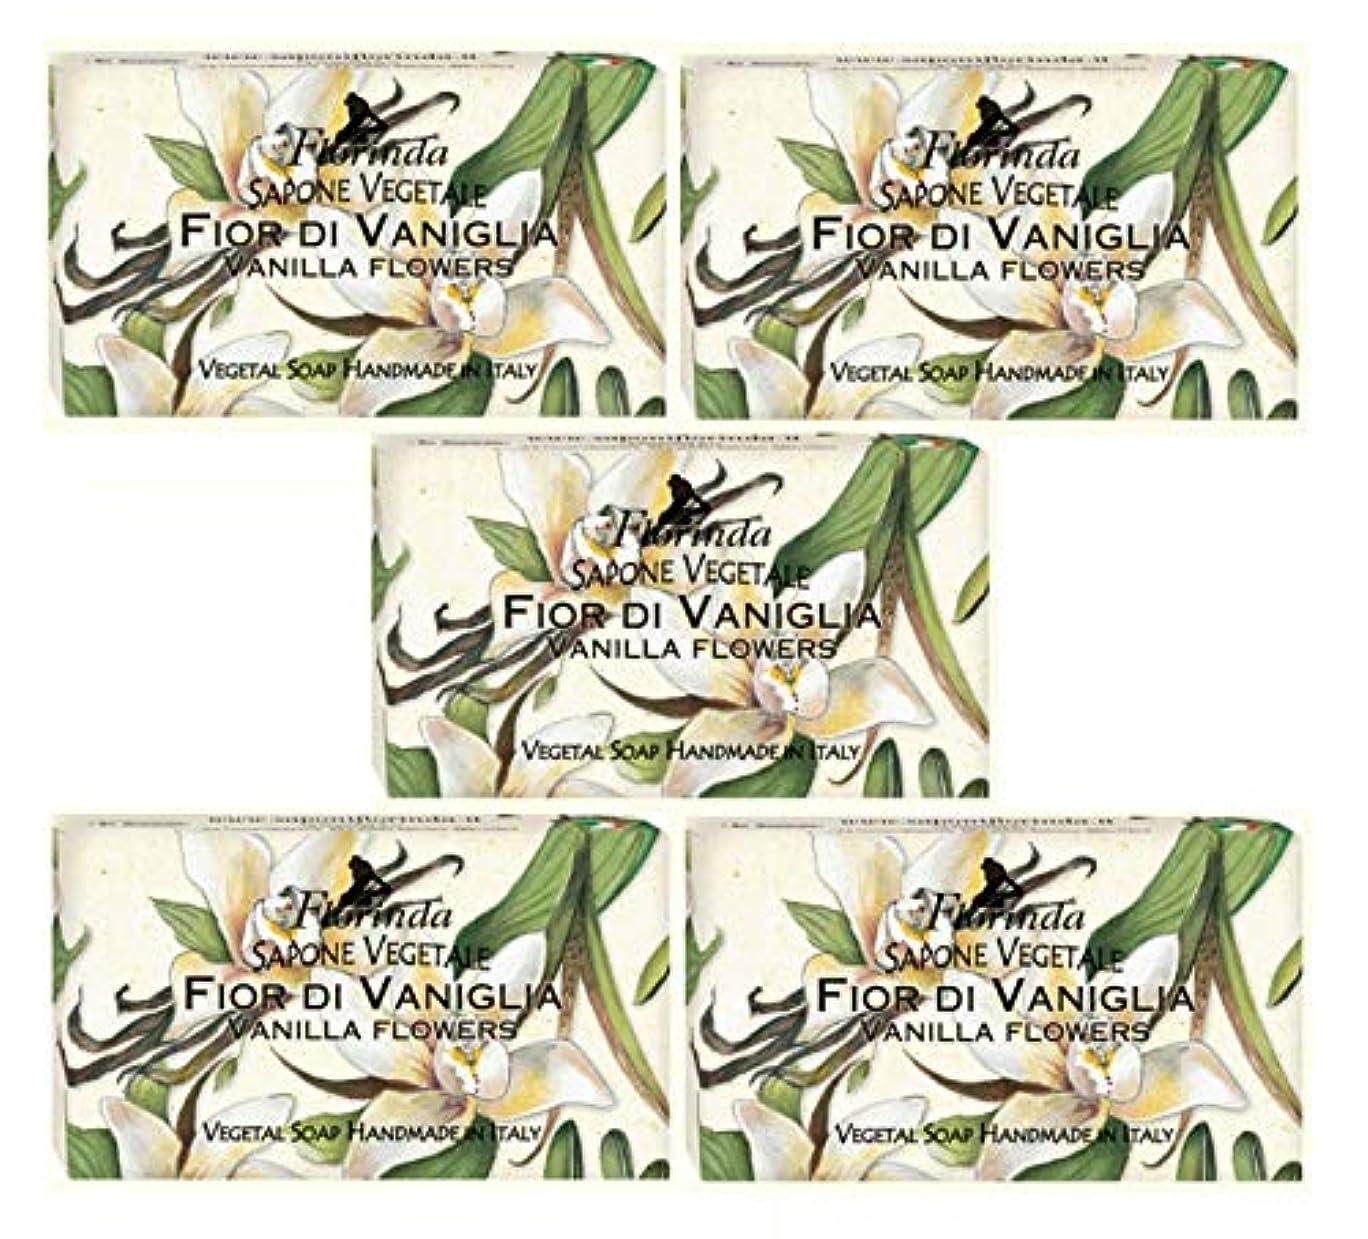 ちっちゃい最初溶かすフロリンダ フレグランスソープ 固形石けん 花の香り バニラフラワー 95g×5個セット